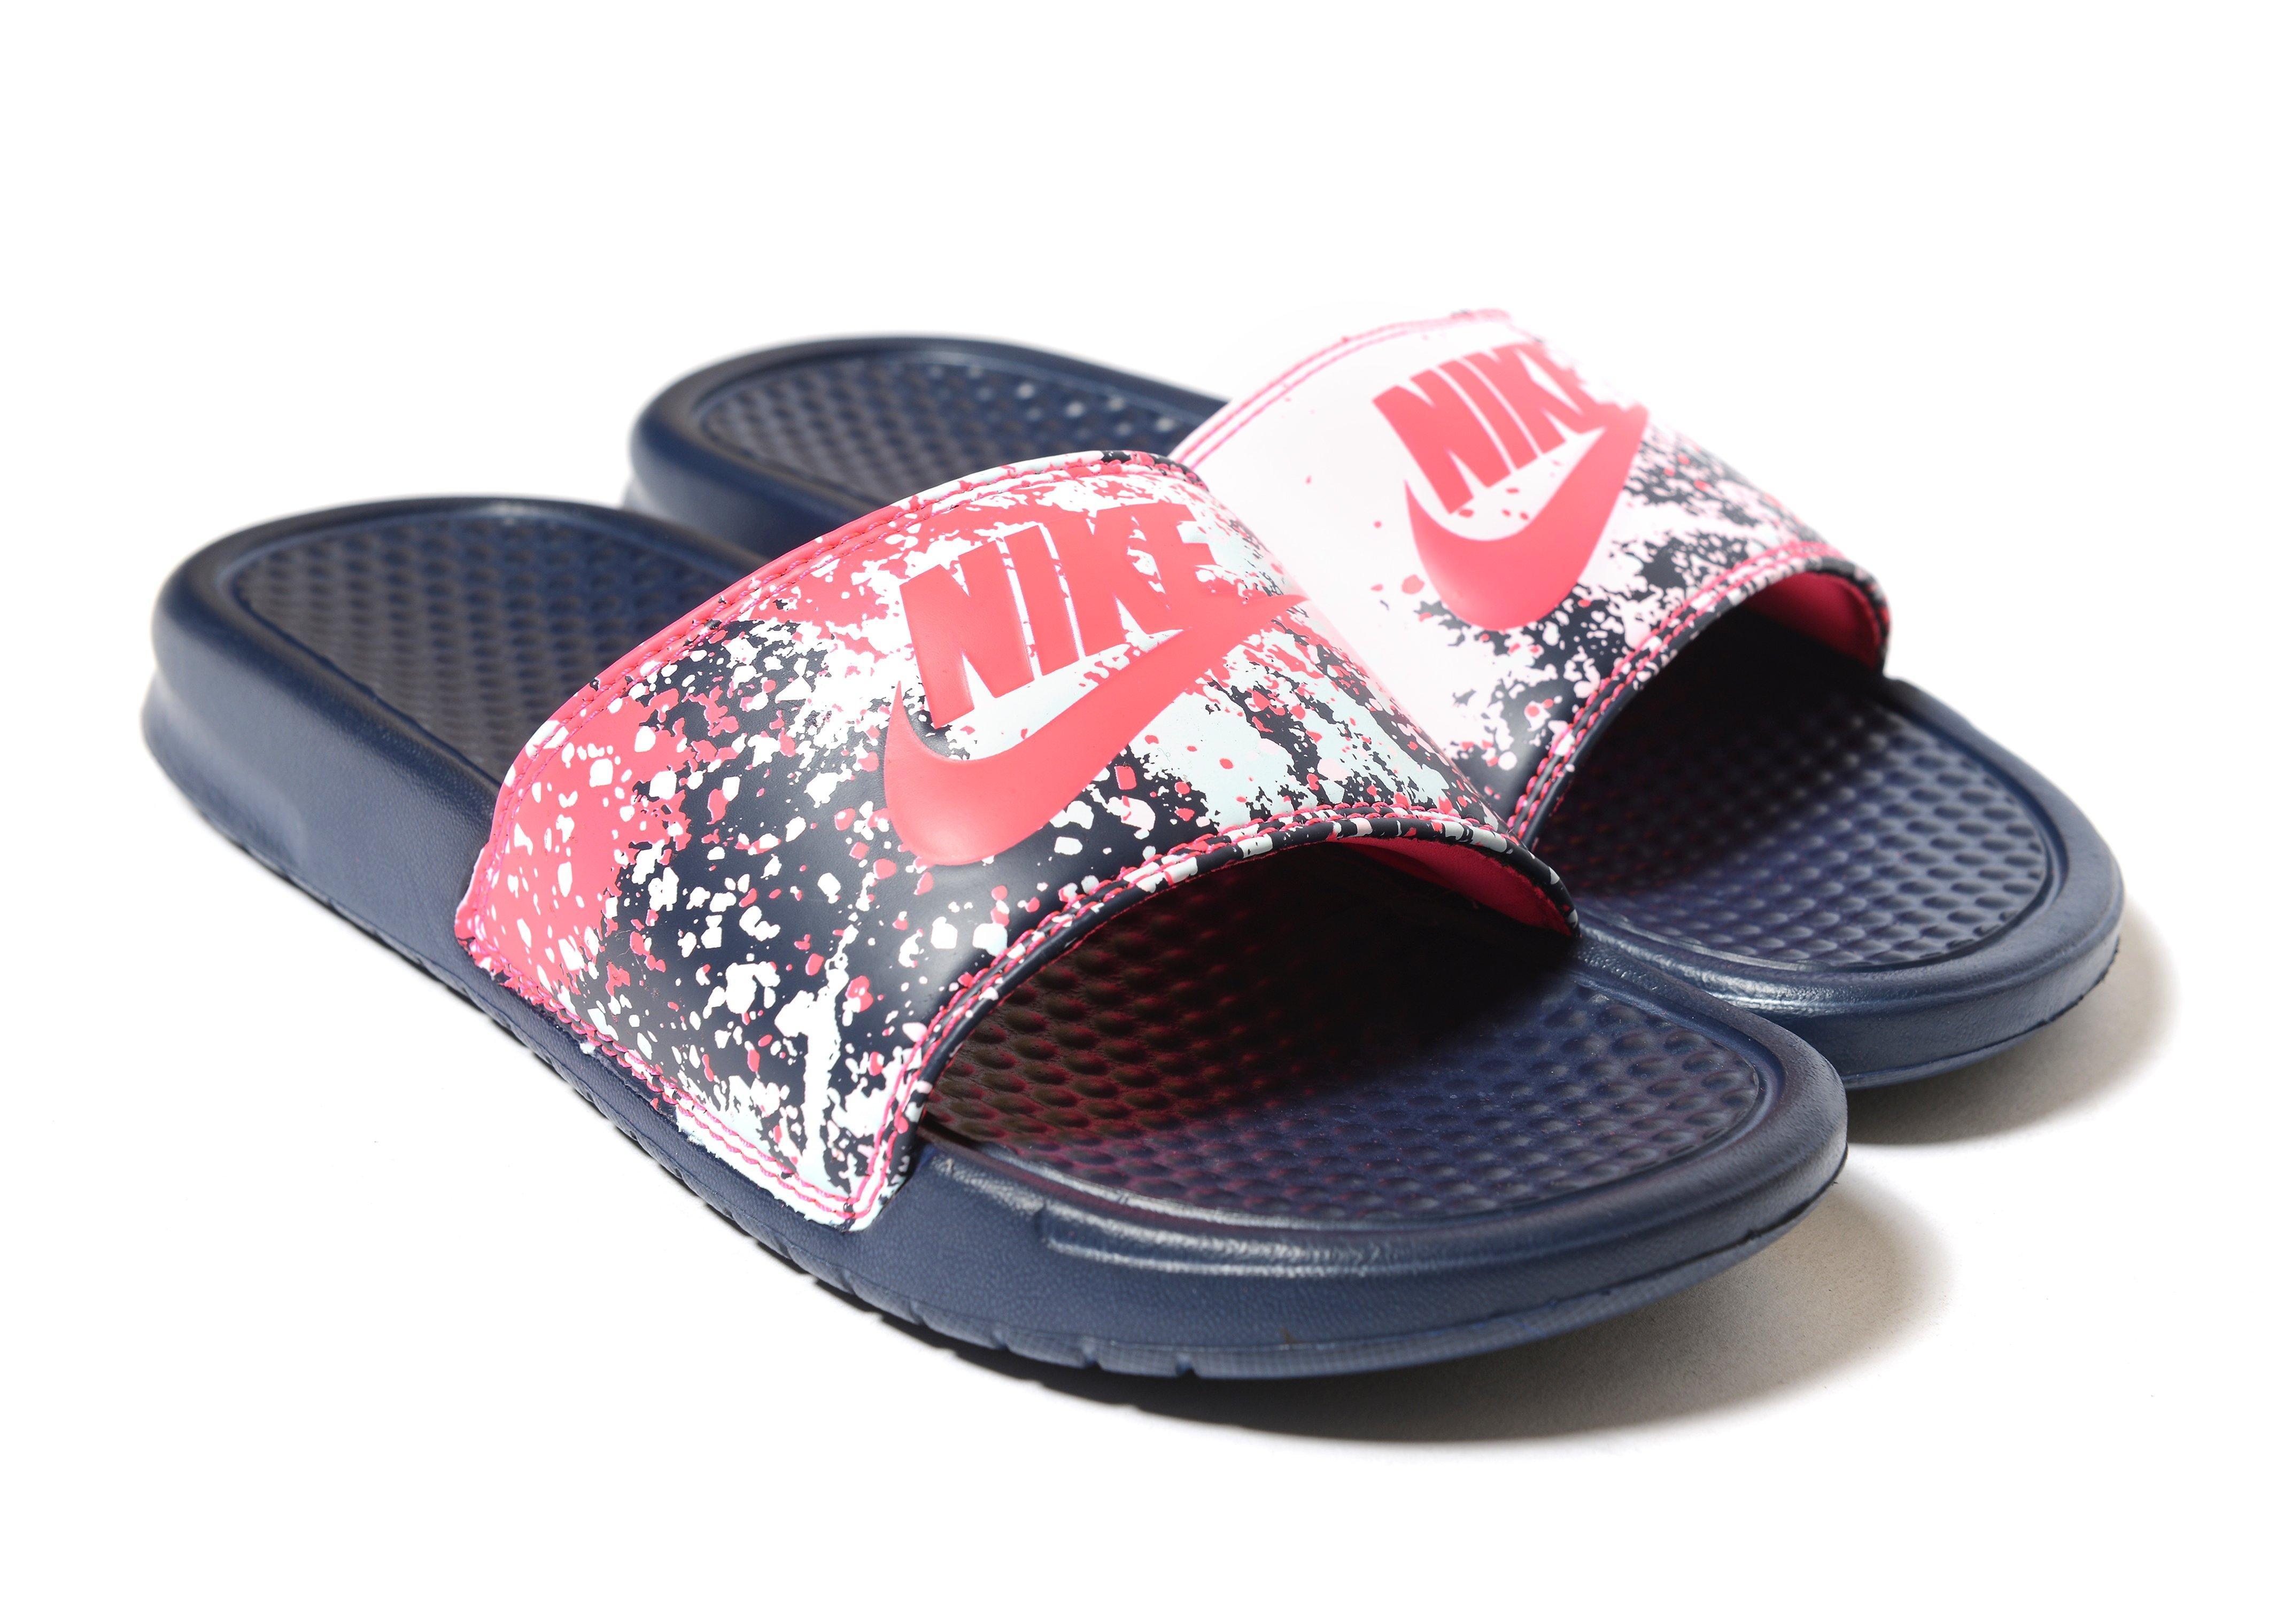 livraison gratuite dcb15 bfc4f Sandale Nike Chaussures Femme re9212690 Femme Sportswear ...